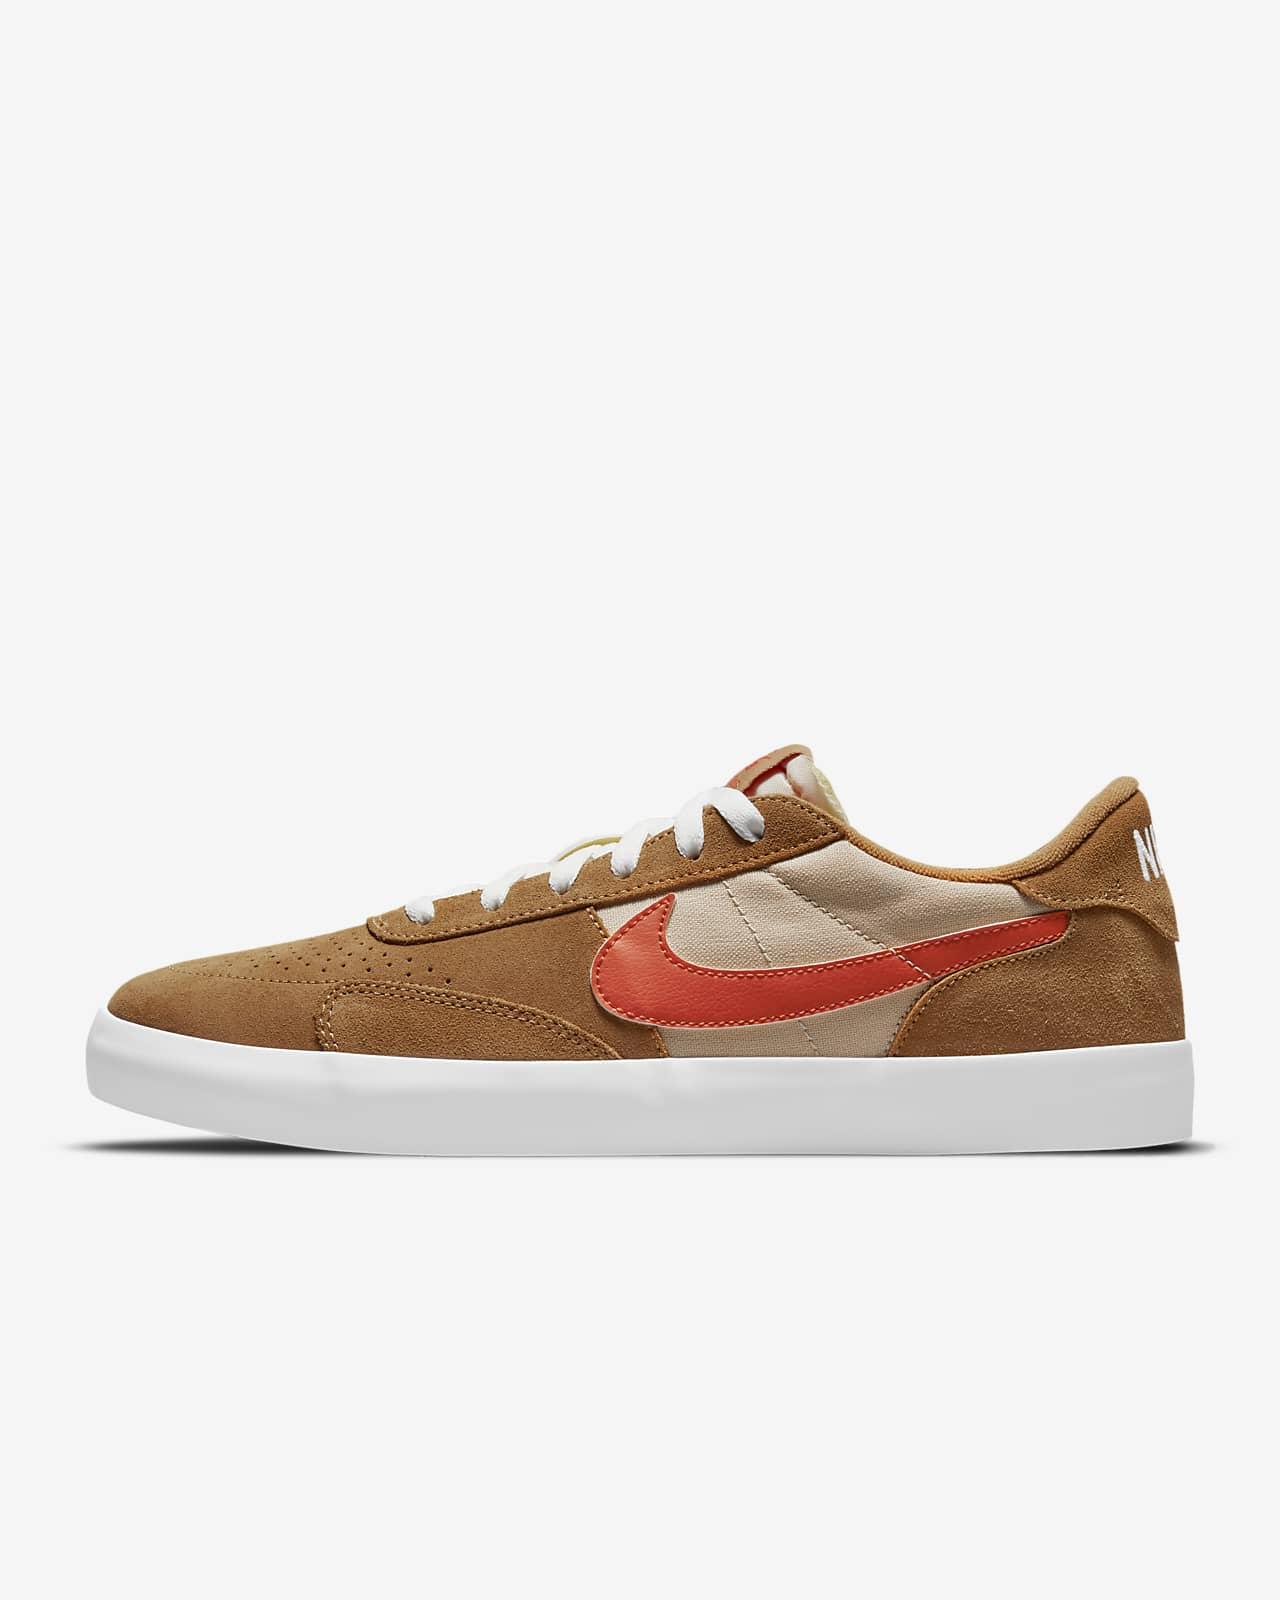 Nike SB Heritage Vulc Skate Shoe